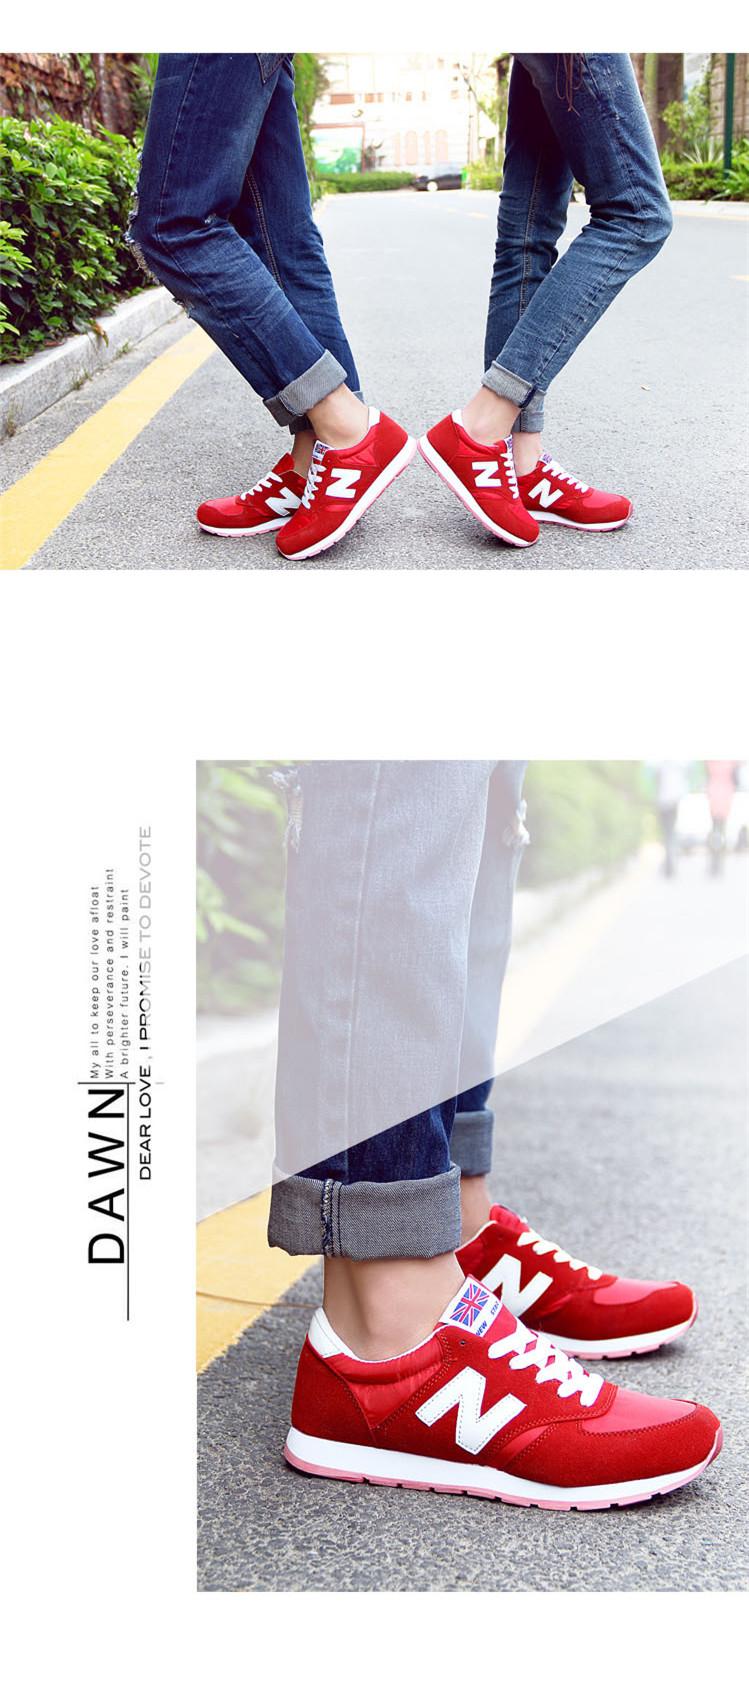 韩国n字鞋女 韩版运动鞋